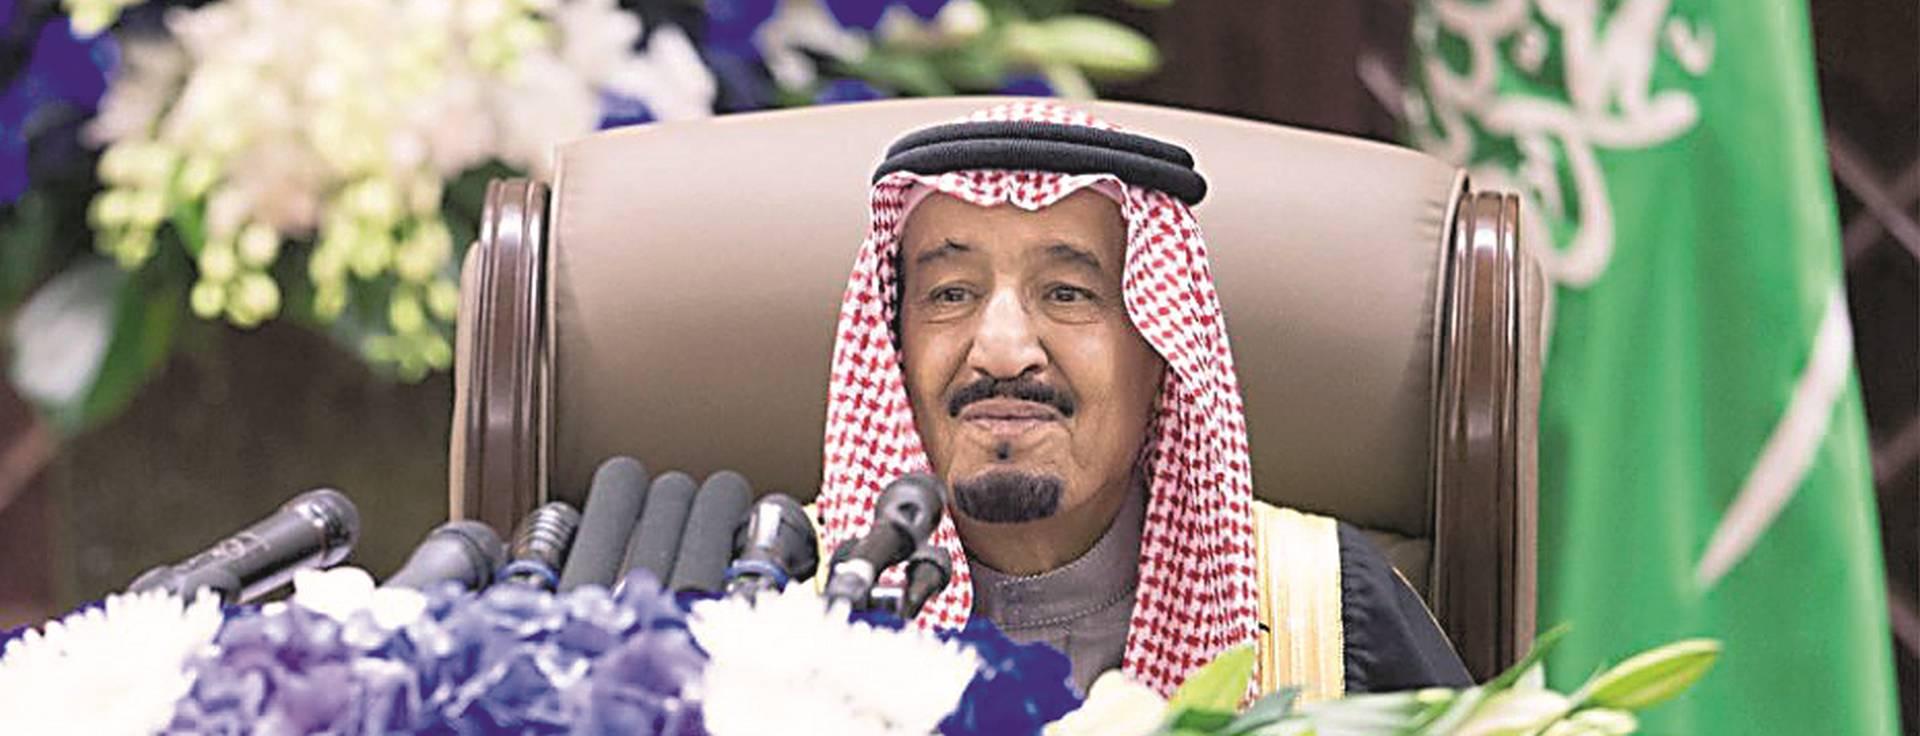 SAUDIJSKE IGRE PRIJESTOLJA Tihi puč kralja Saudijske Arabije zbog rata u Jemenu